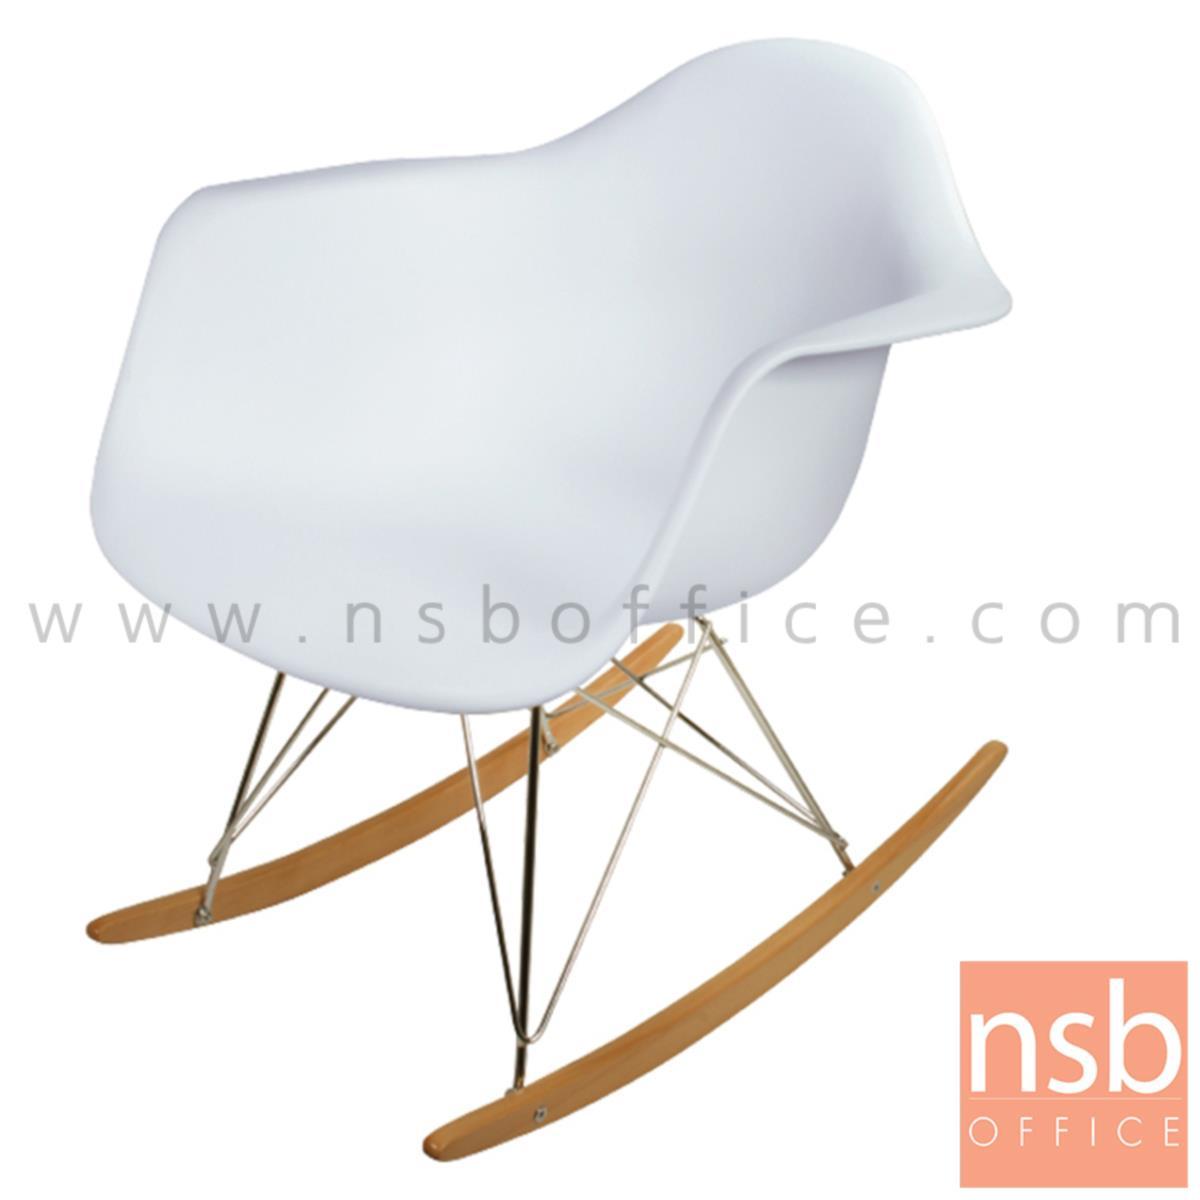 B29A115:เก้าอี้โมเดิร์นพลาสติก(ABS) รุ่น PP9268 ขนาด 62W cm. โครงเหล็ก ขาไม้